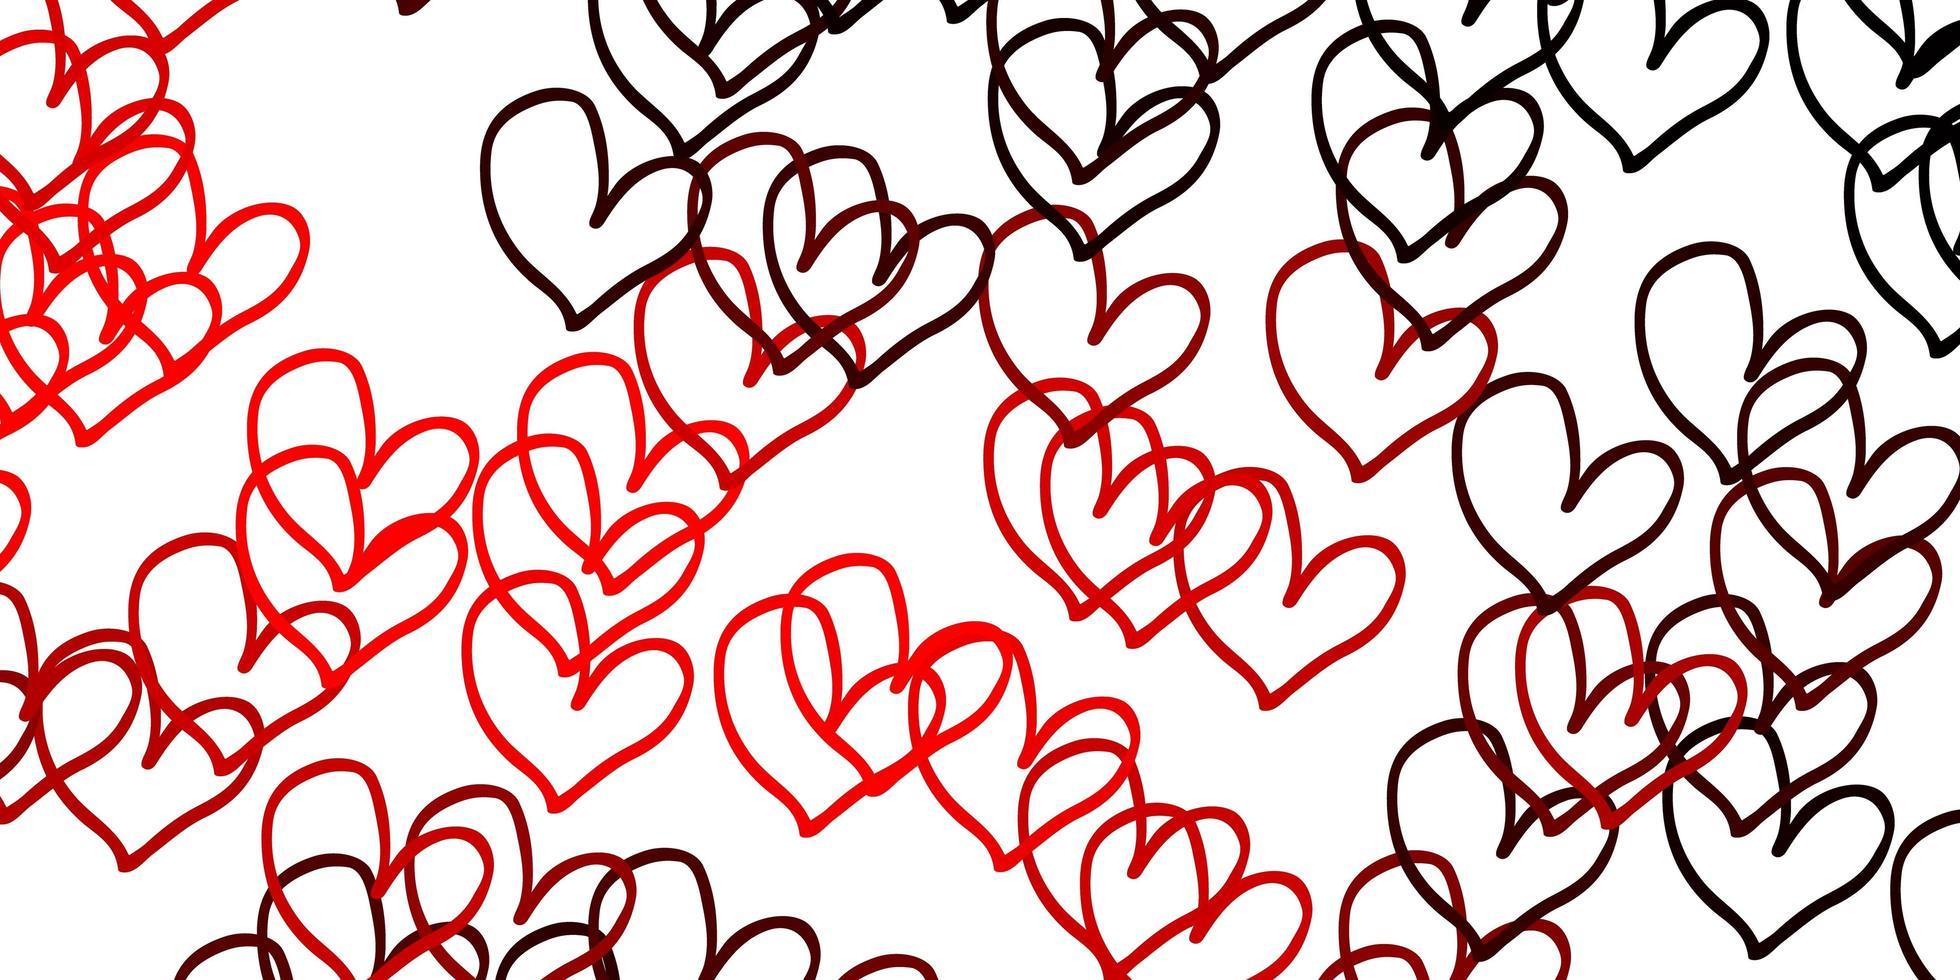 lichtrood vectorpatroon met kleurrijke harten. vector